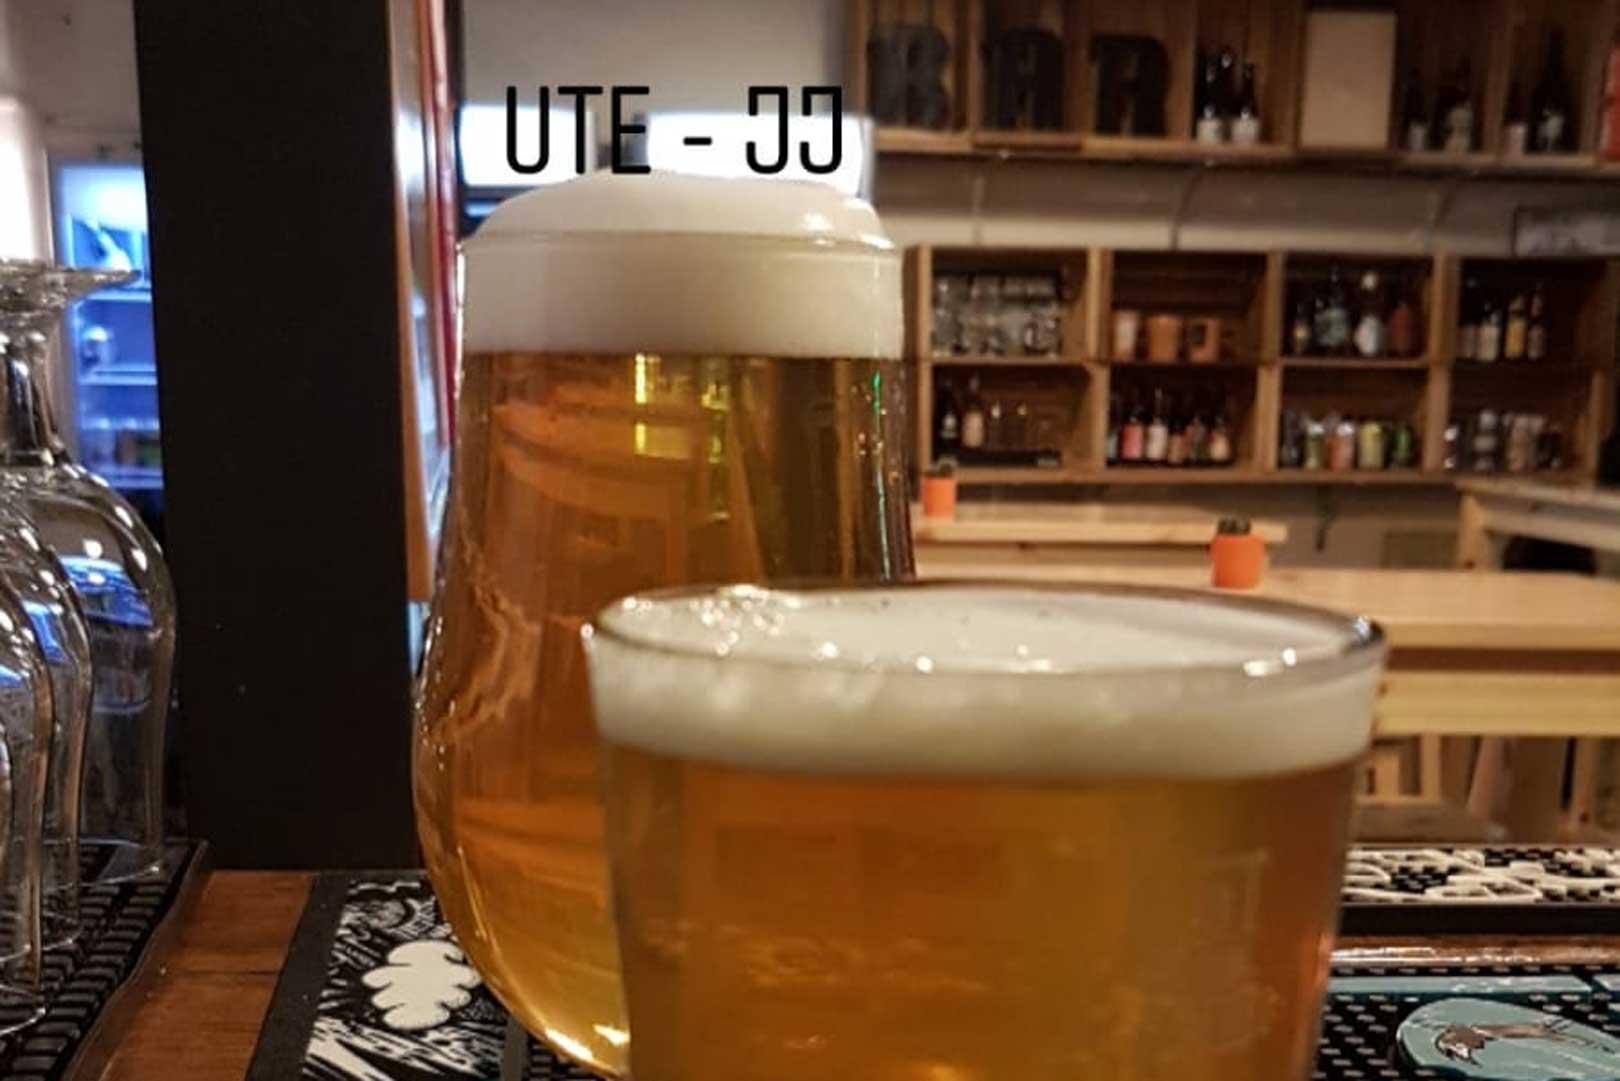 5-locale-in-porta-romana-dove-bere-bene-bere-buona-birra-ok